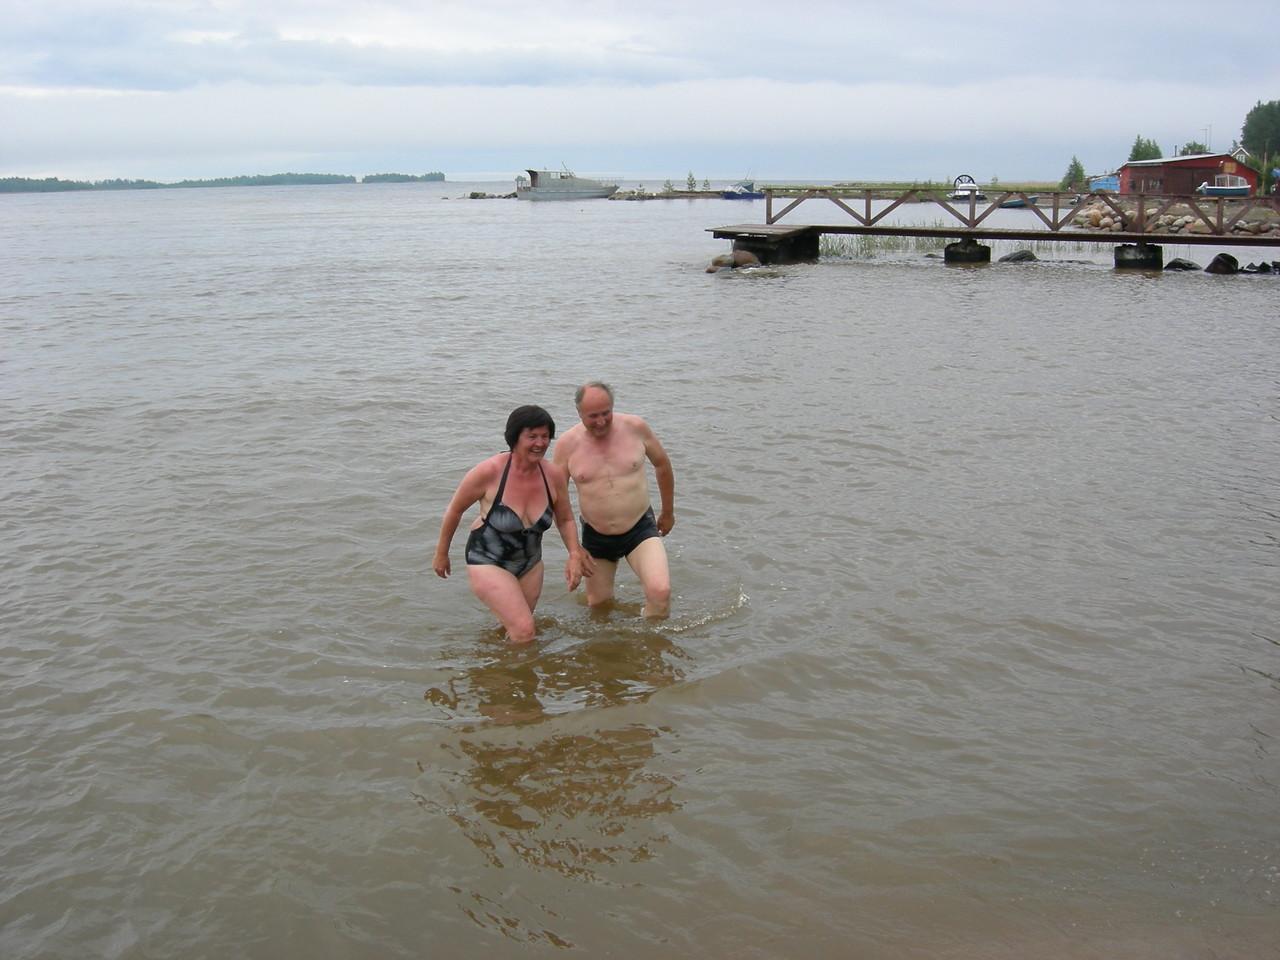 nach der Sauna ist das Wasser nicht zu kalt